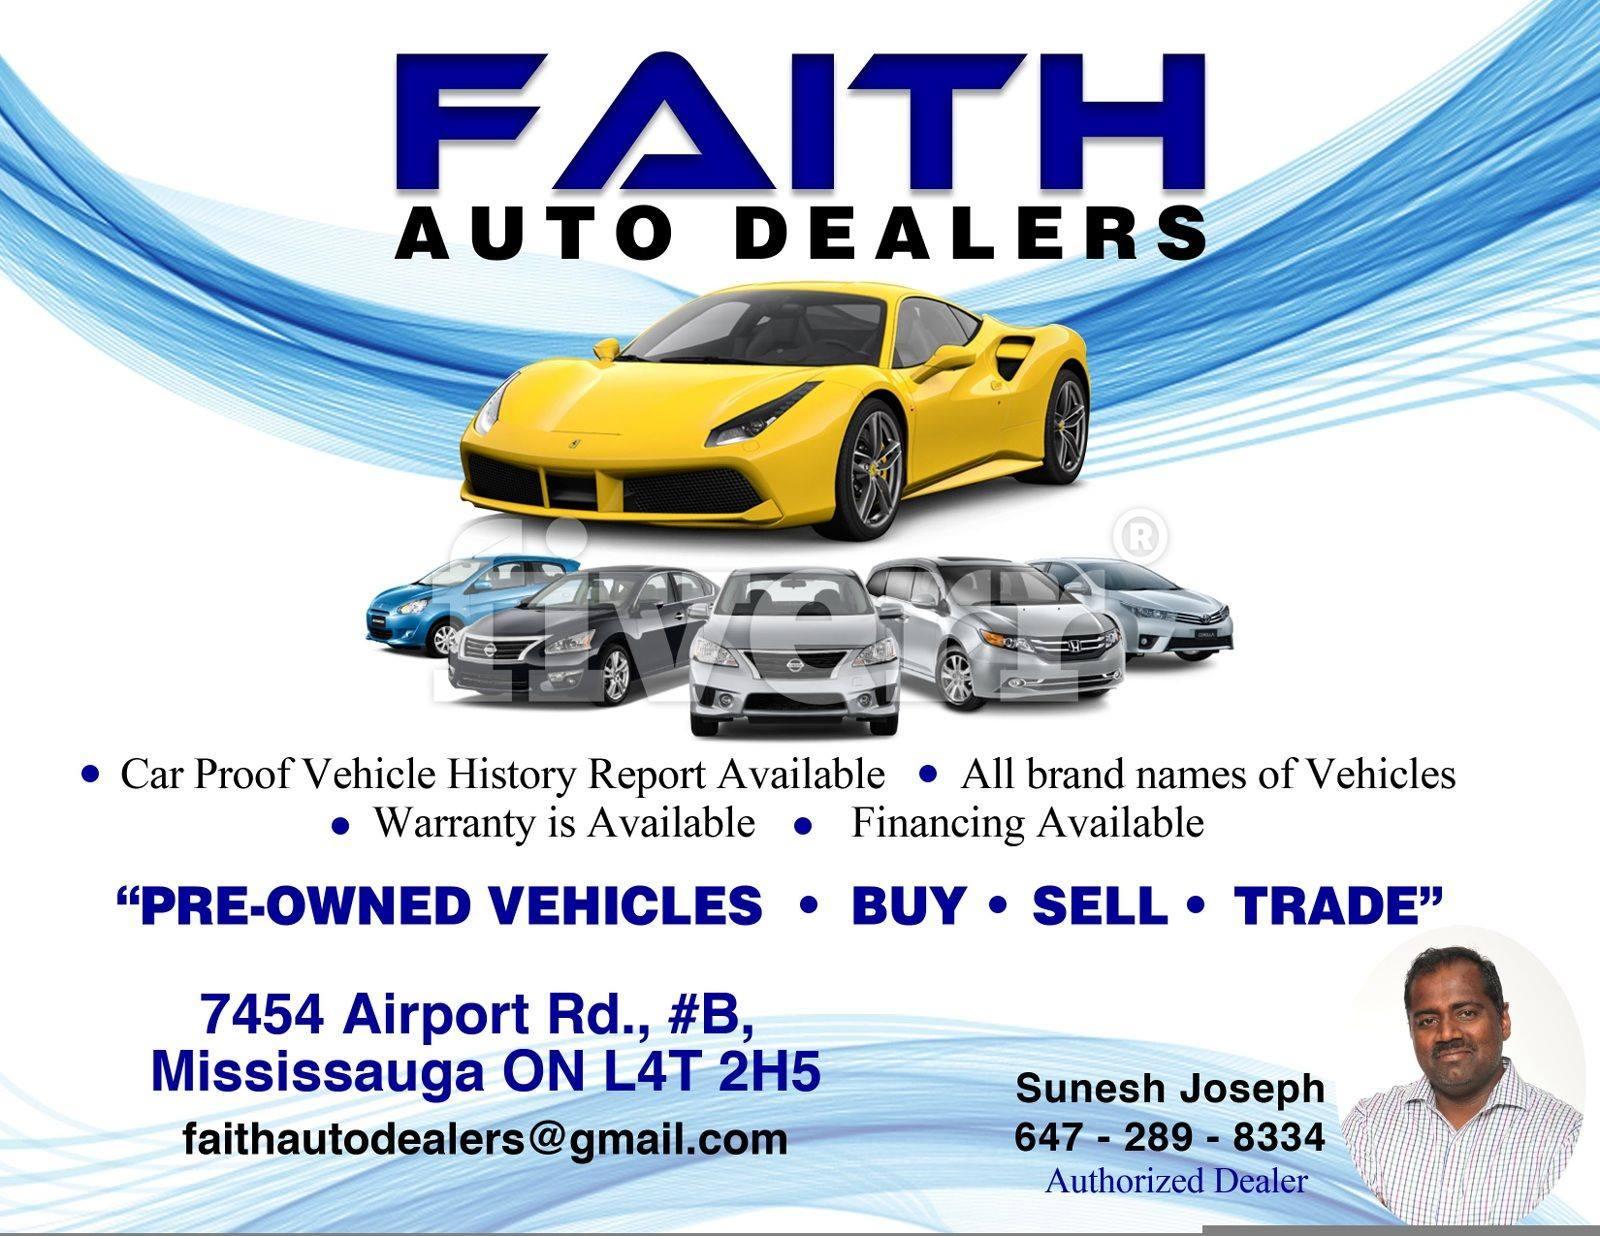 Faith Auto Dealers